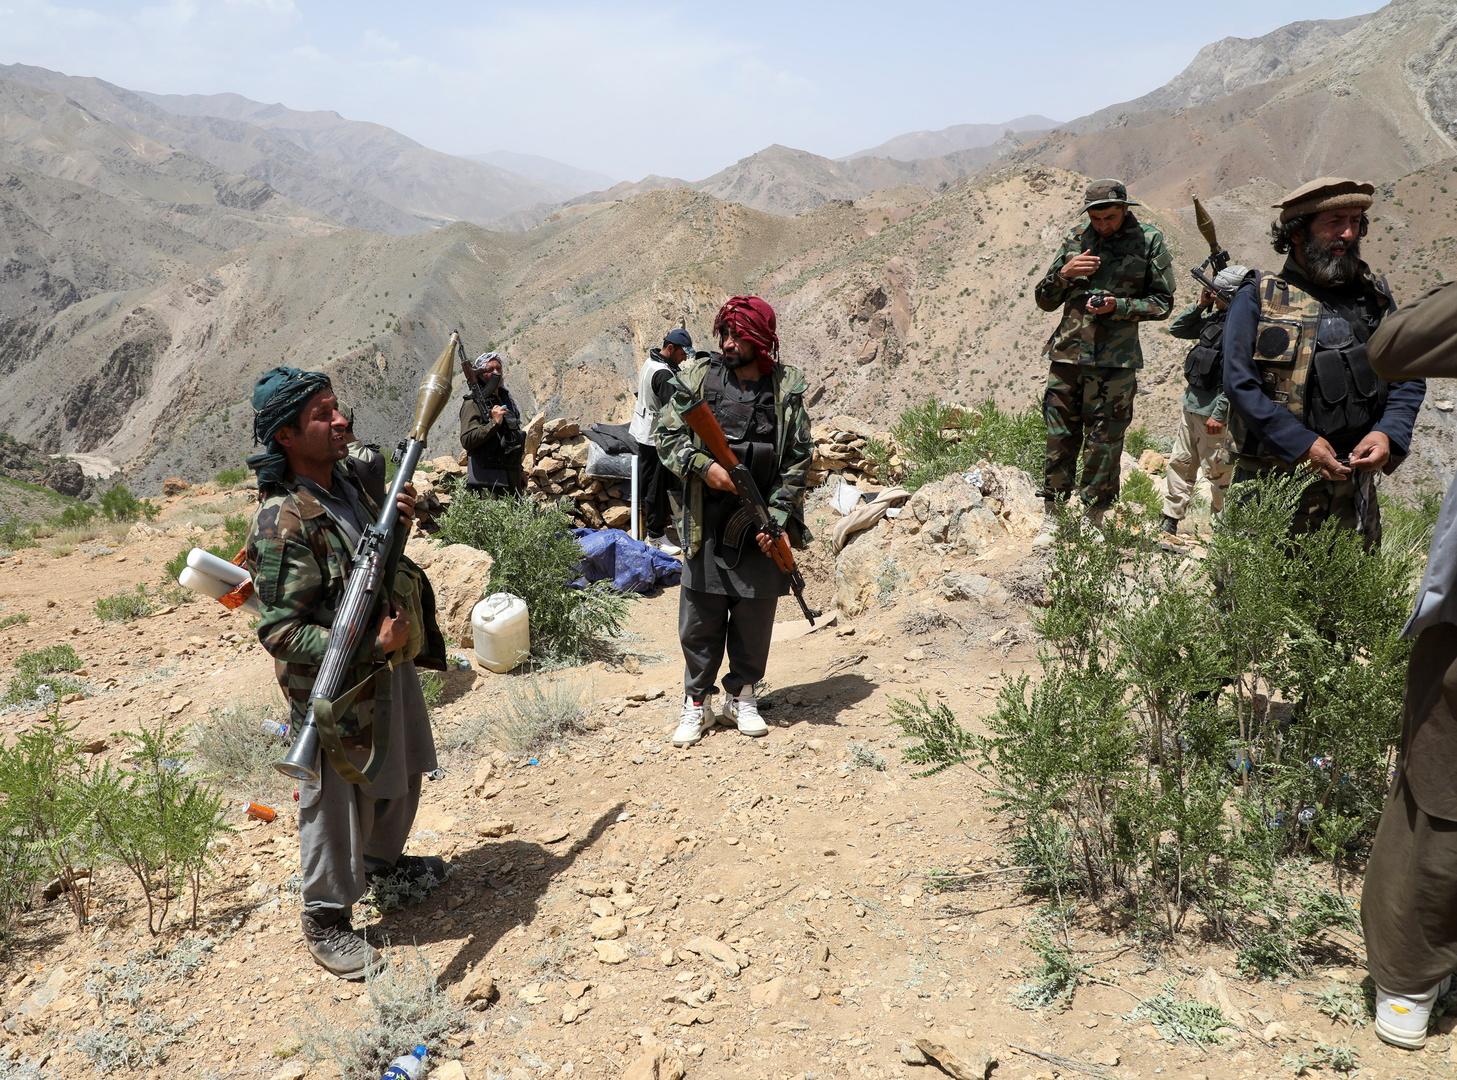 أفغانستان.. قتلى وجرحى بتفجير انتحاري بسيارة مفخخة